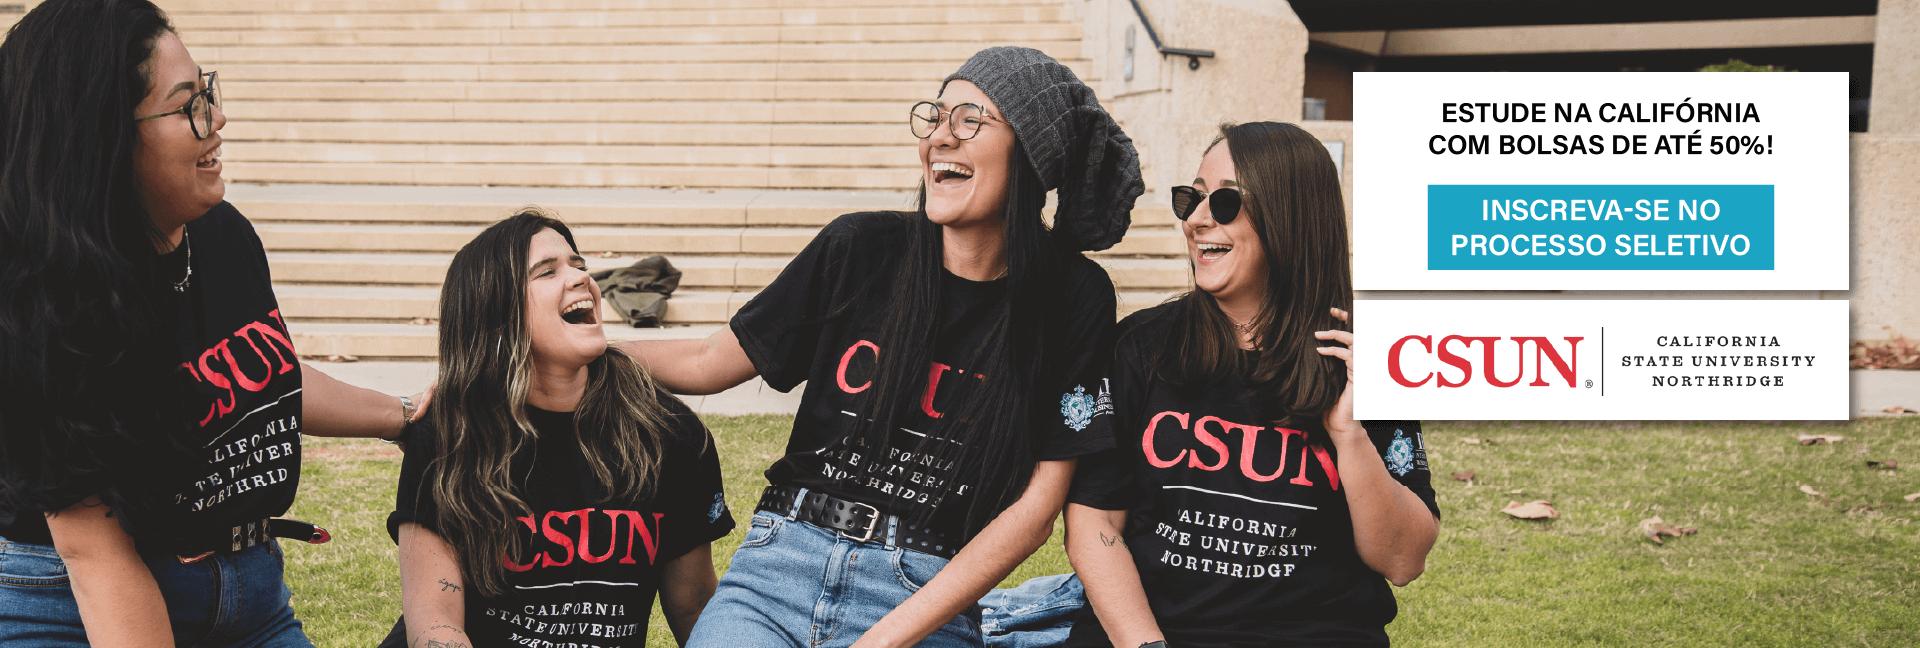 Estude na CSUN!